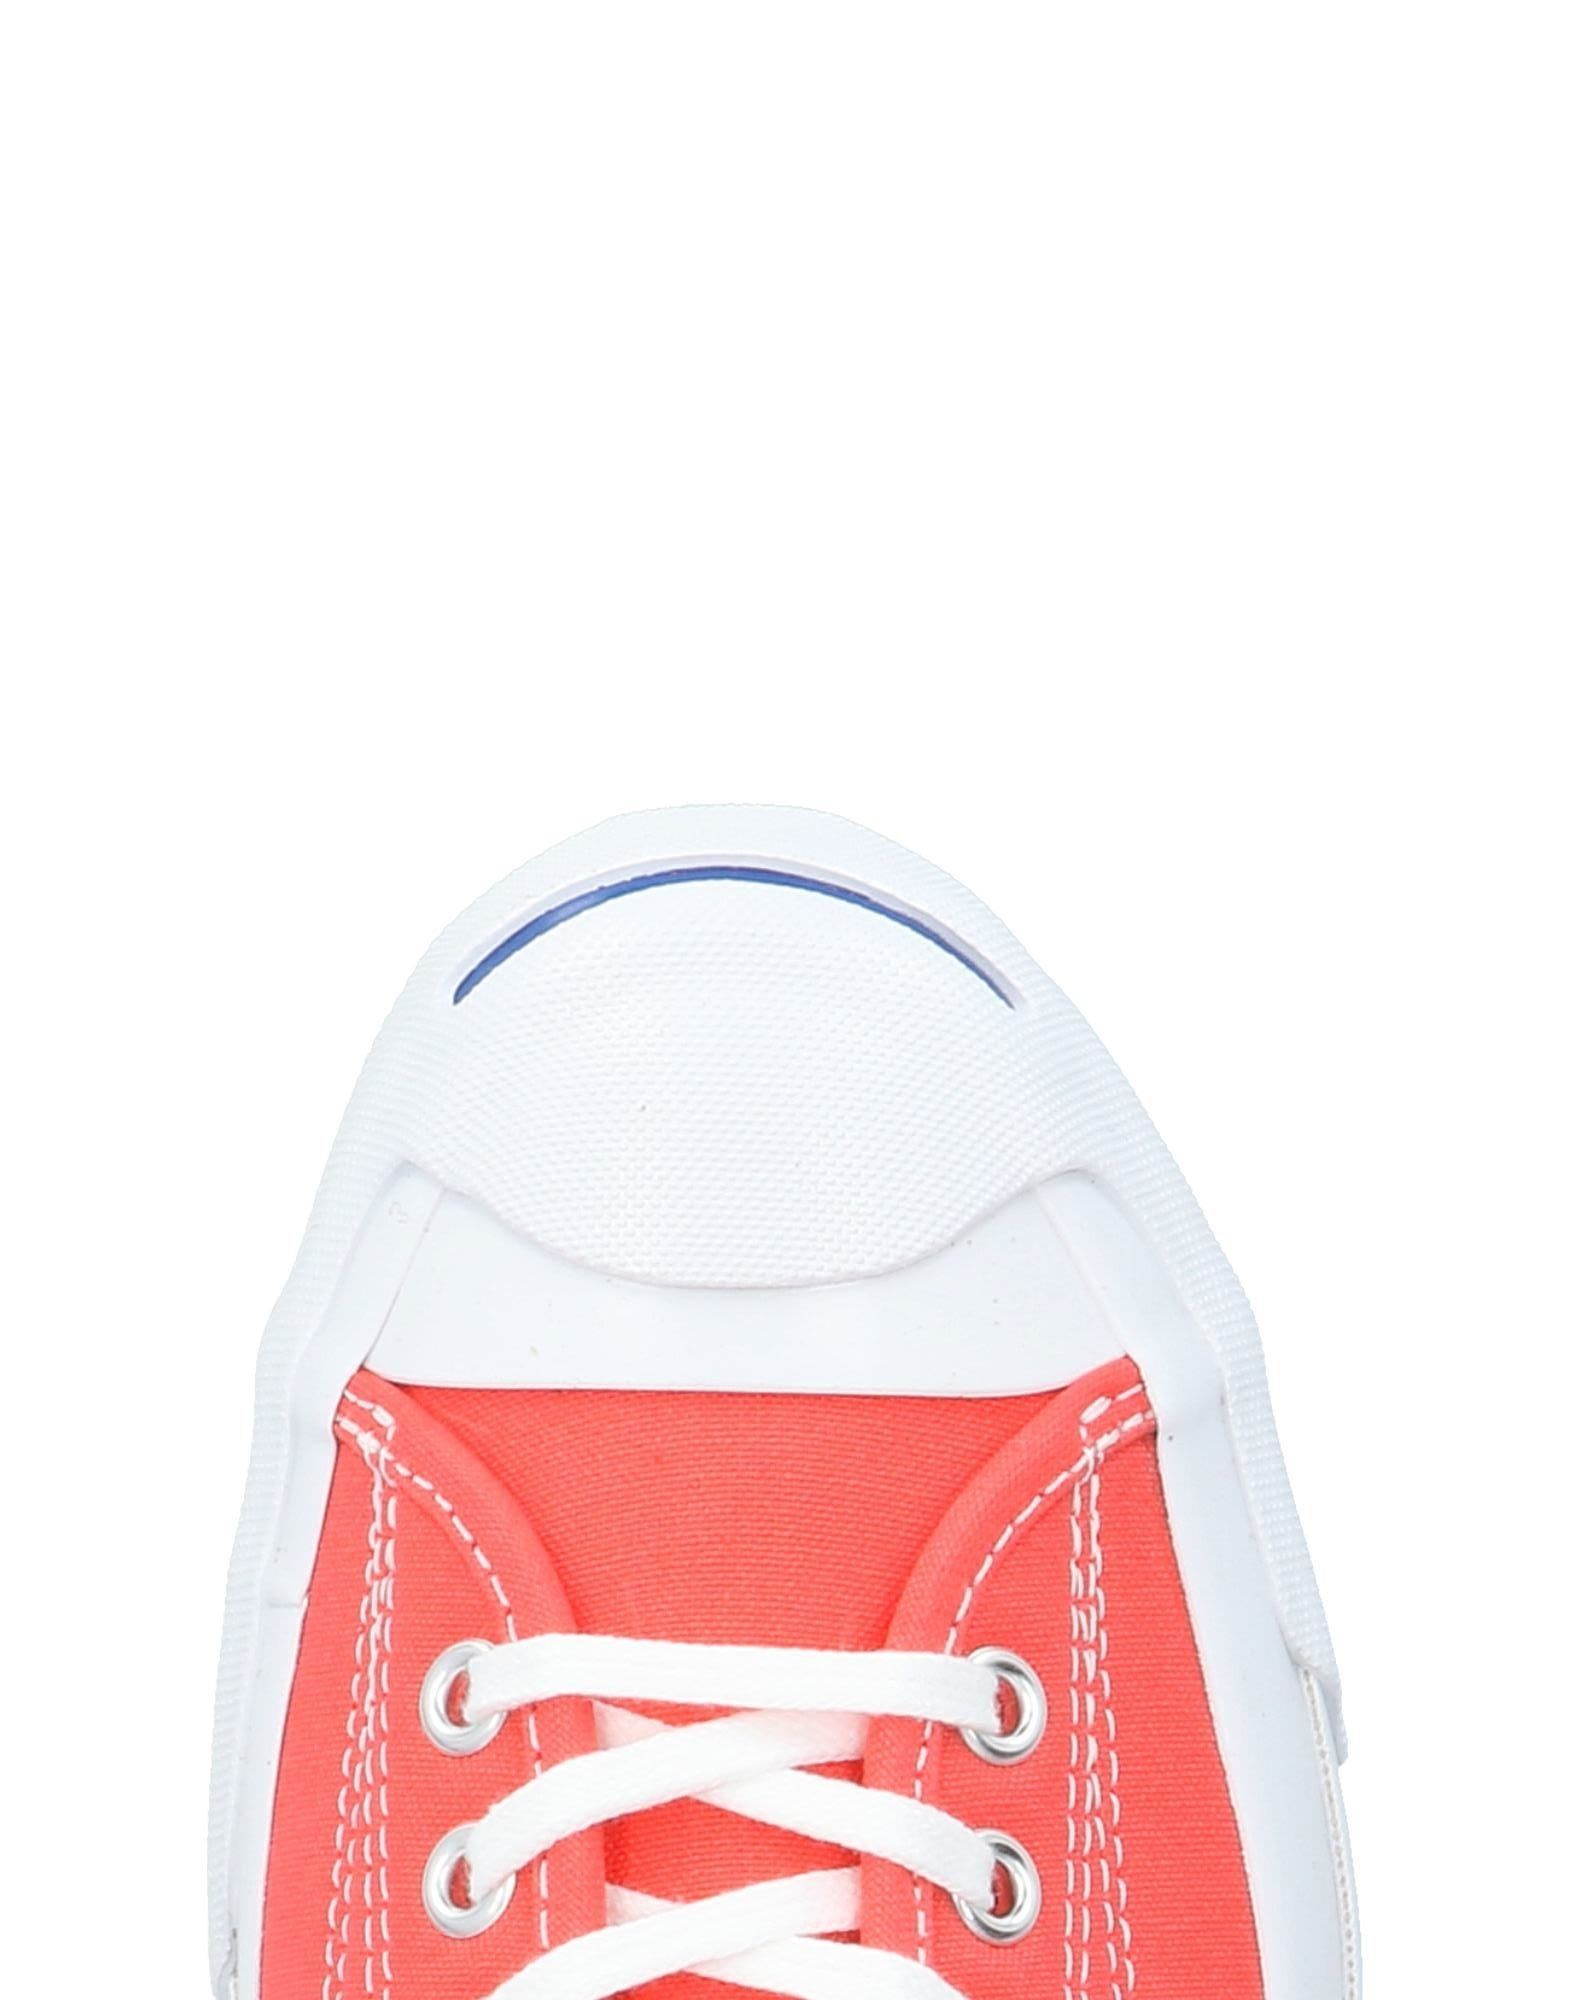 Herren Converse Jack Purcell Sneakers Herren   11496627QR 383c65